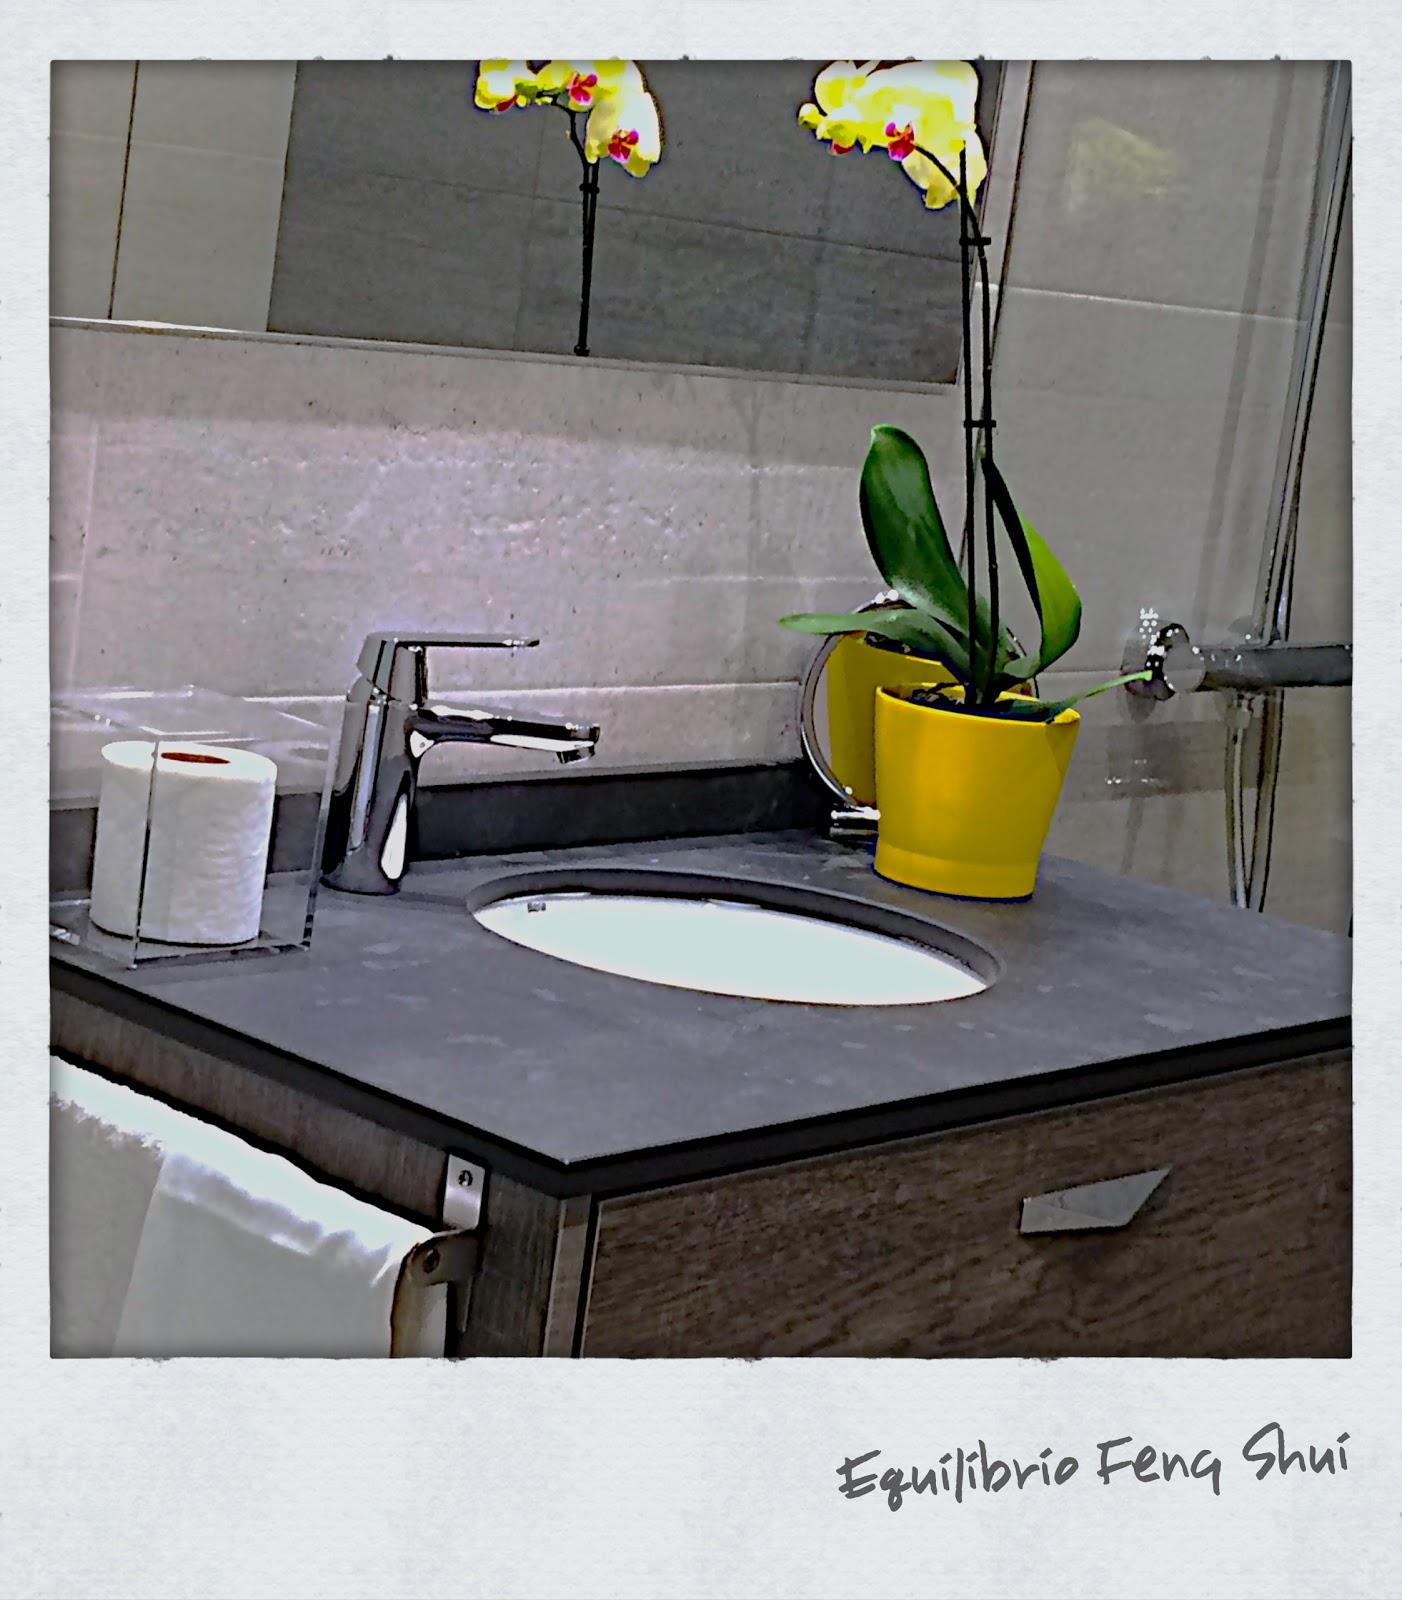 Equilibrio Feng Shui: Un baño con buen Feng Shui en 6 pasos